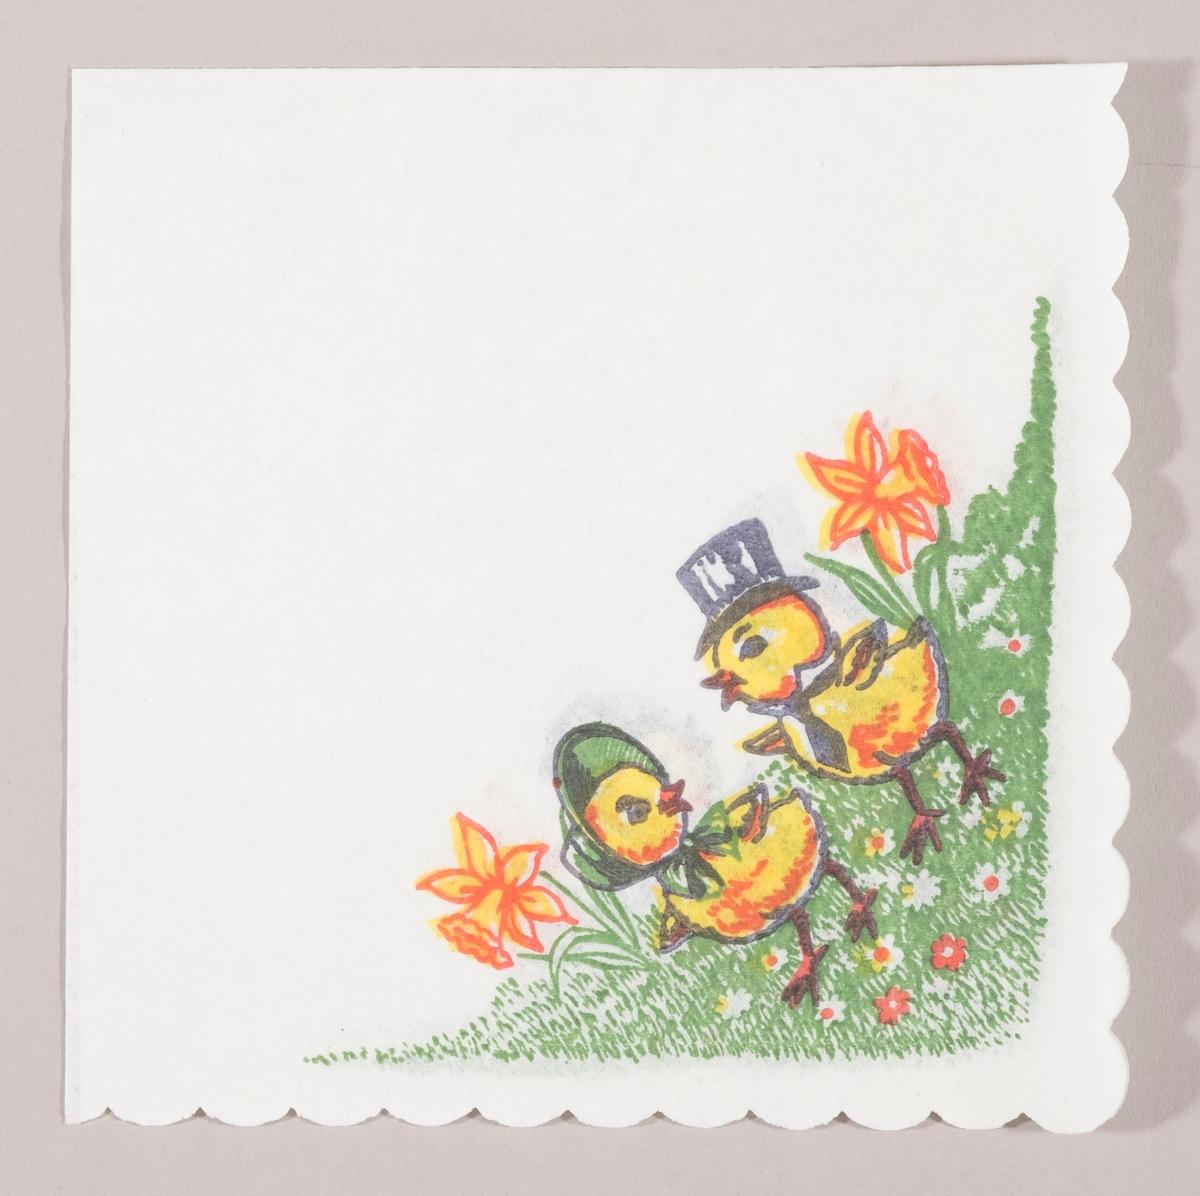 En kylling med kysehatt og en kylling med høy herrehatt og slips går på en gressplen med påskeliljer og små hvite, røde og gule blomster.